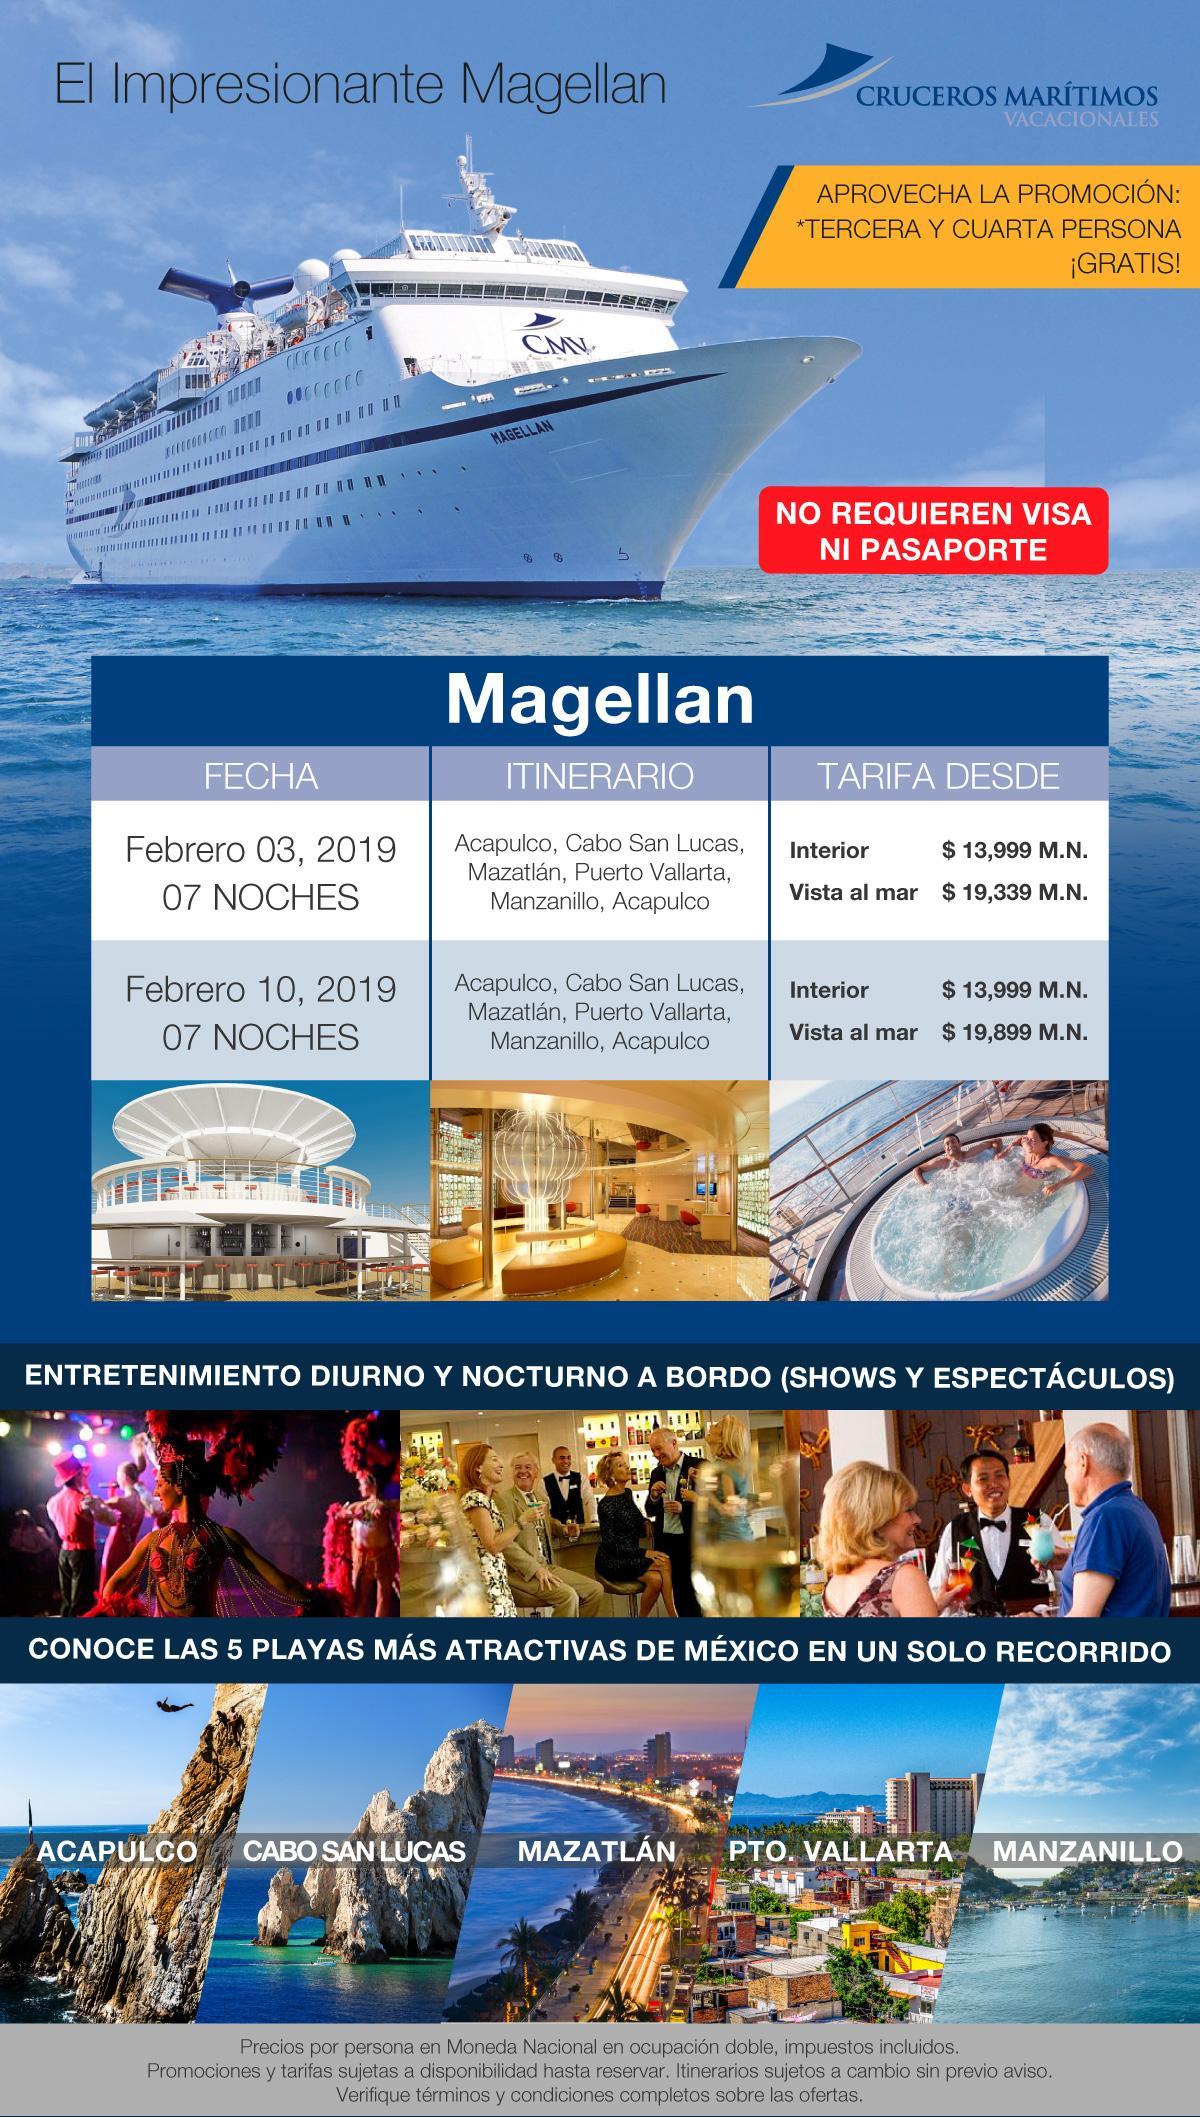 CMV Crucero Magellan Promocion 3. y 4. Persona Gratis